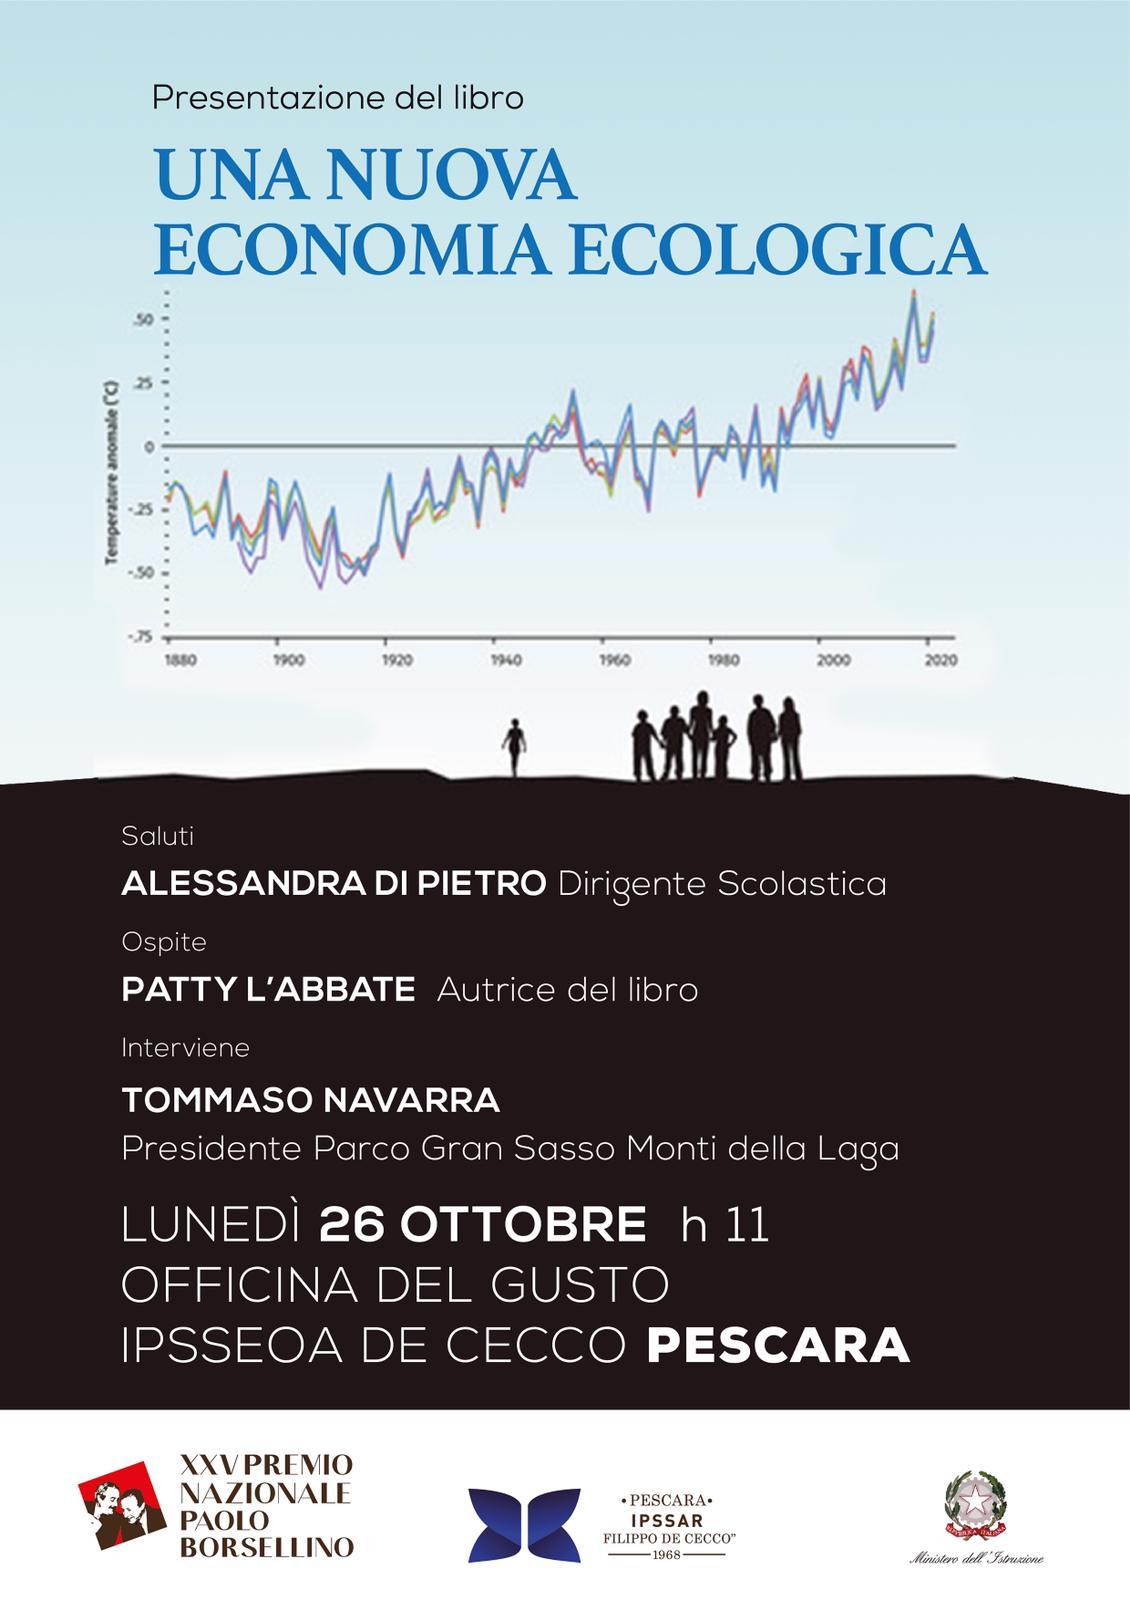 Una nuova economia ecologica